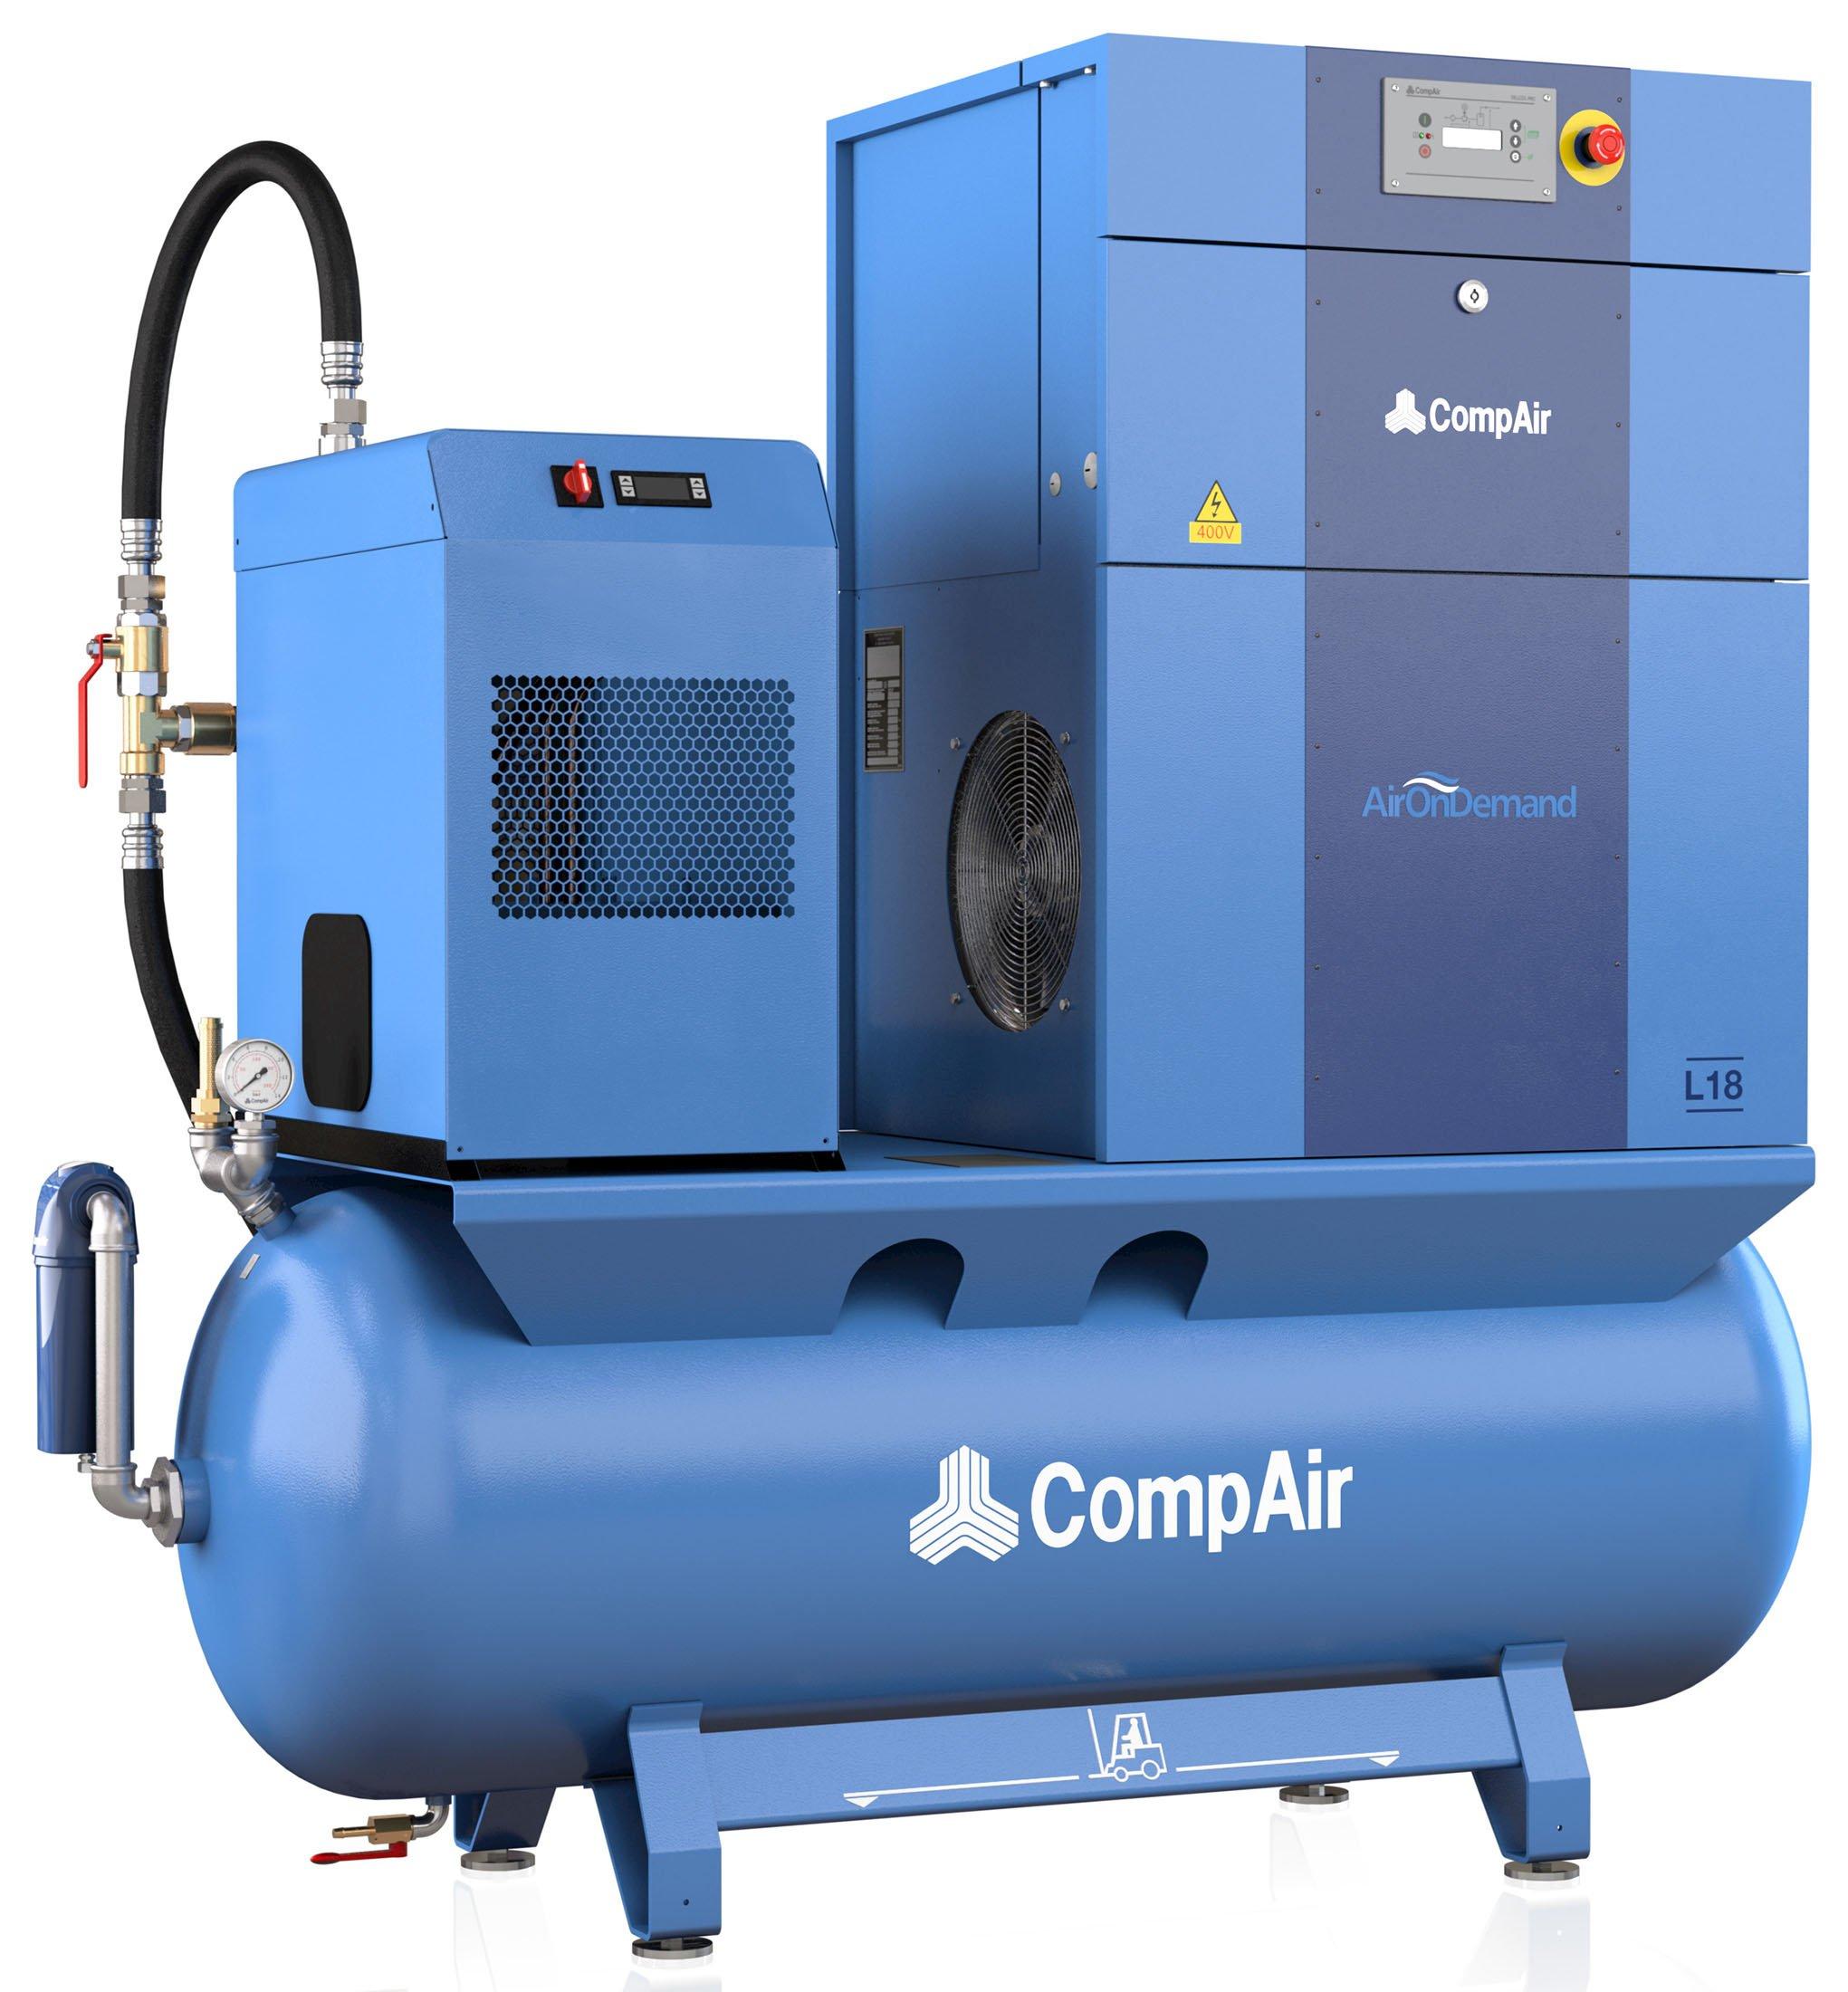 CompAir L18 AirStation Compressor